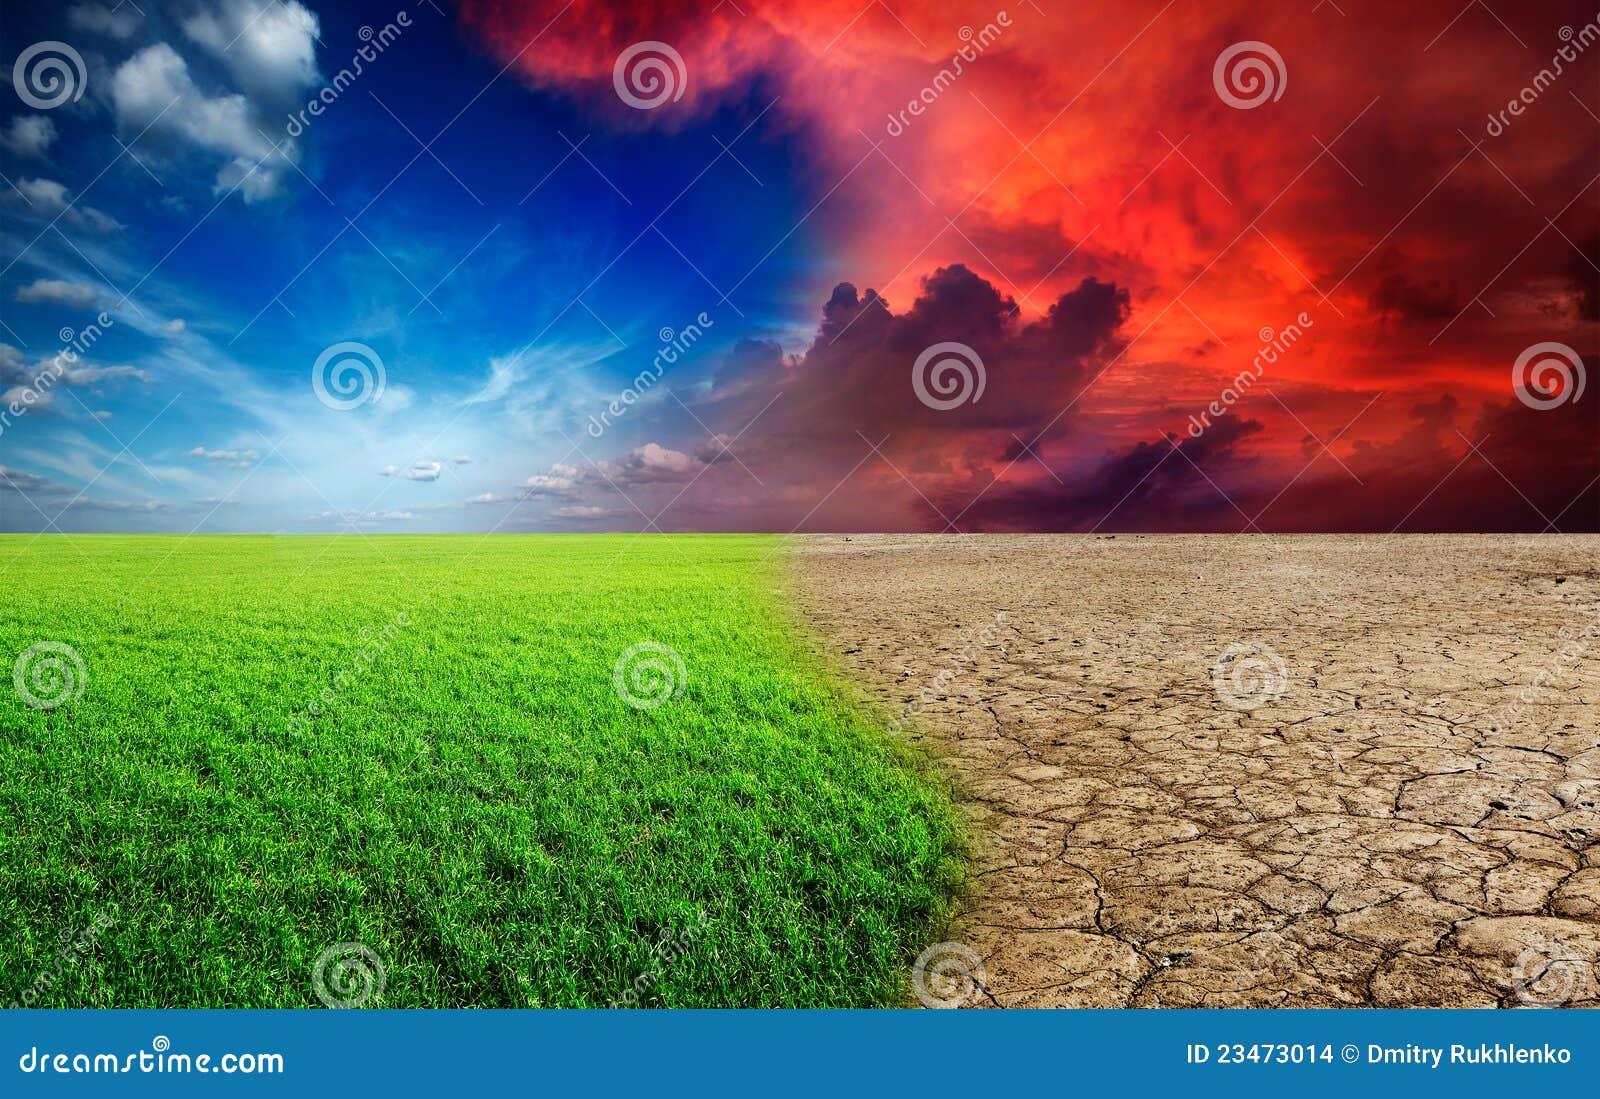 Clima, Tiempo y Atmosfera :: producto innovador